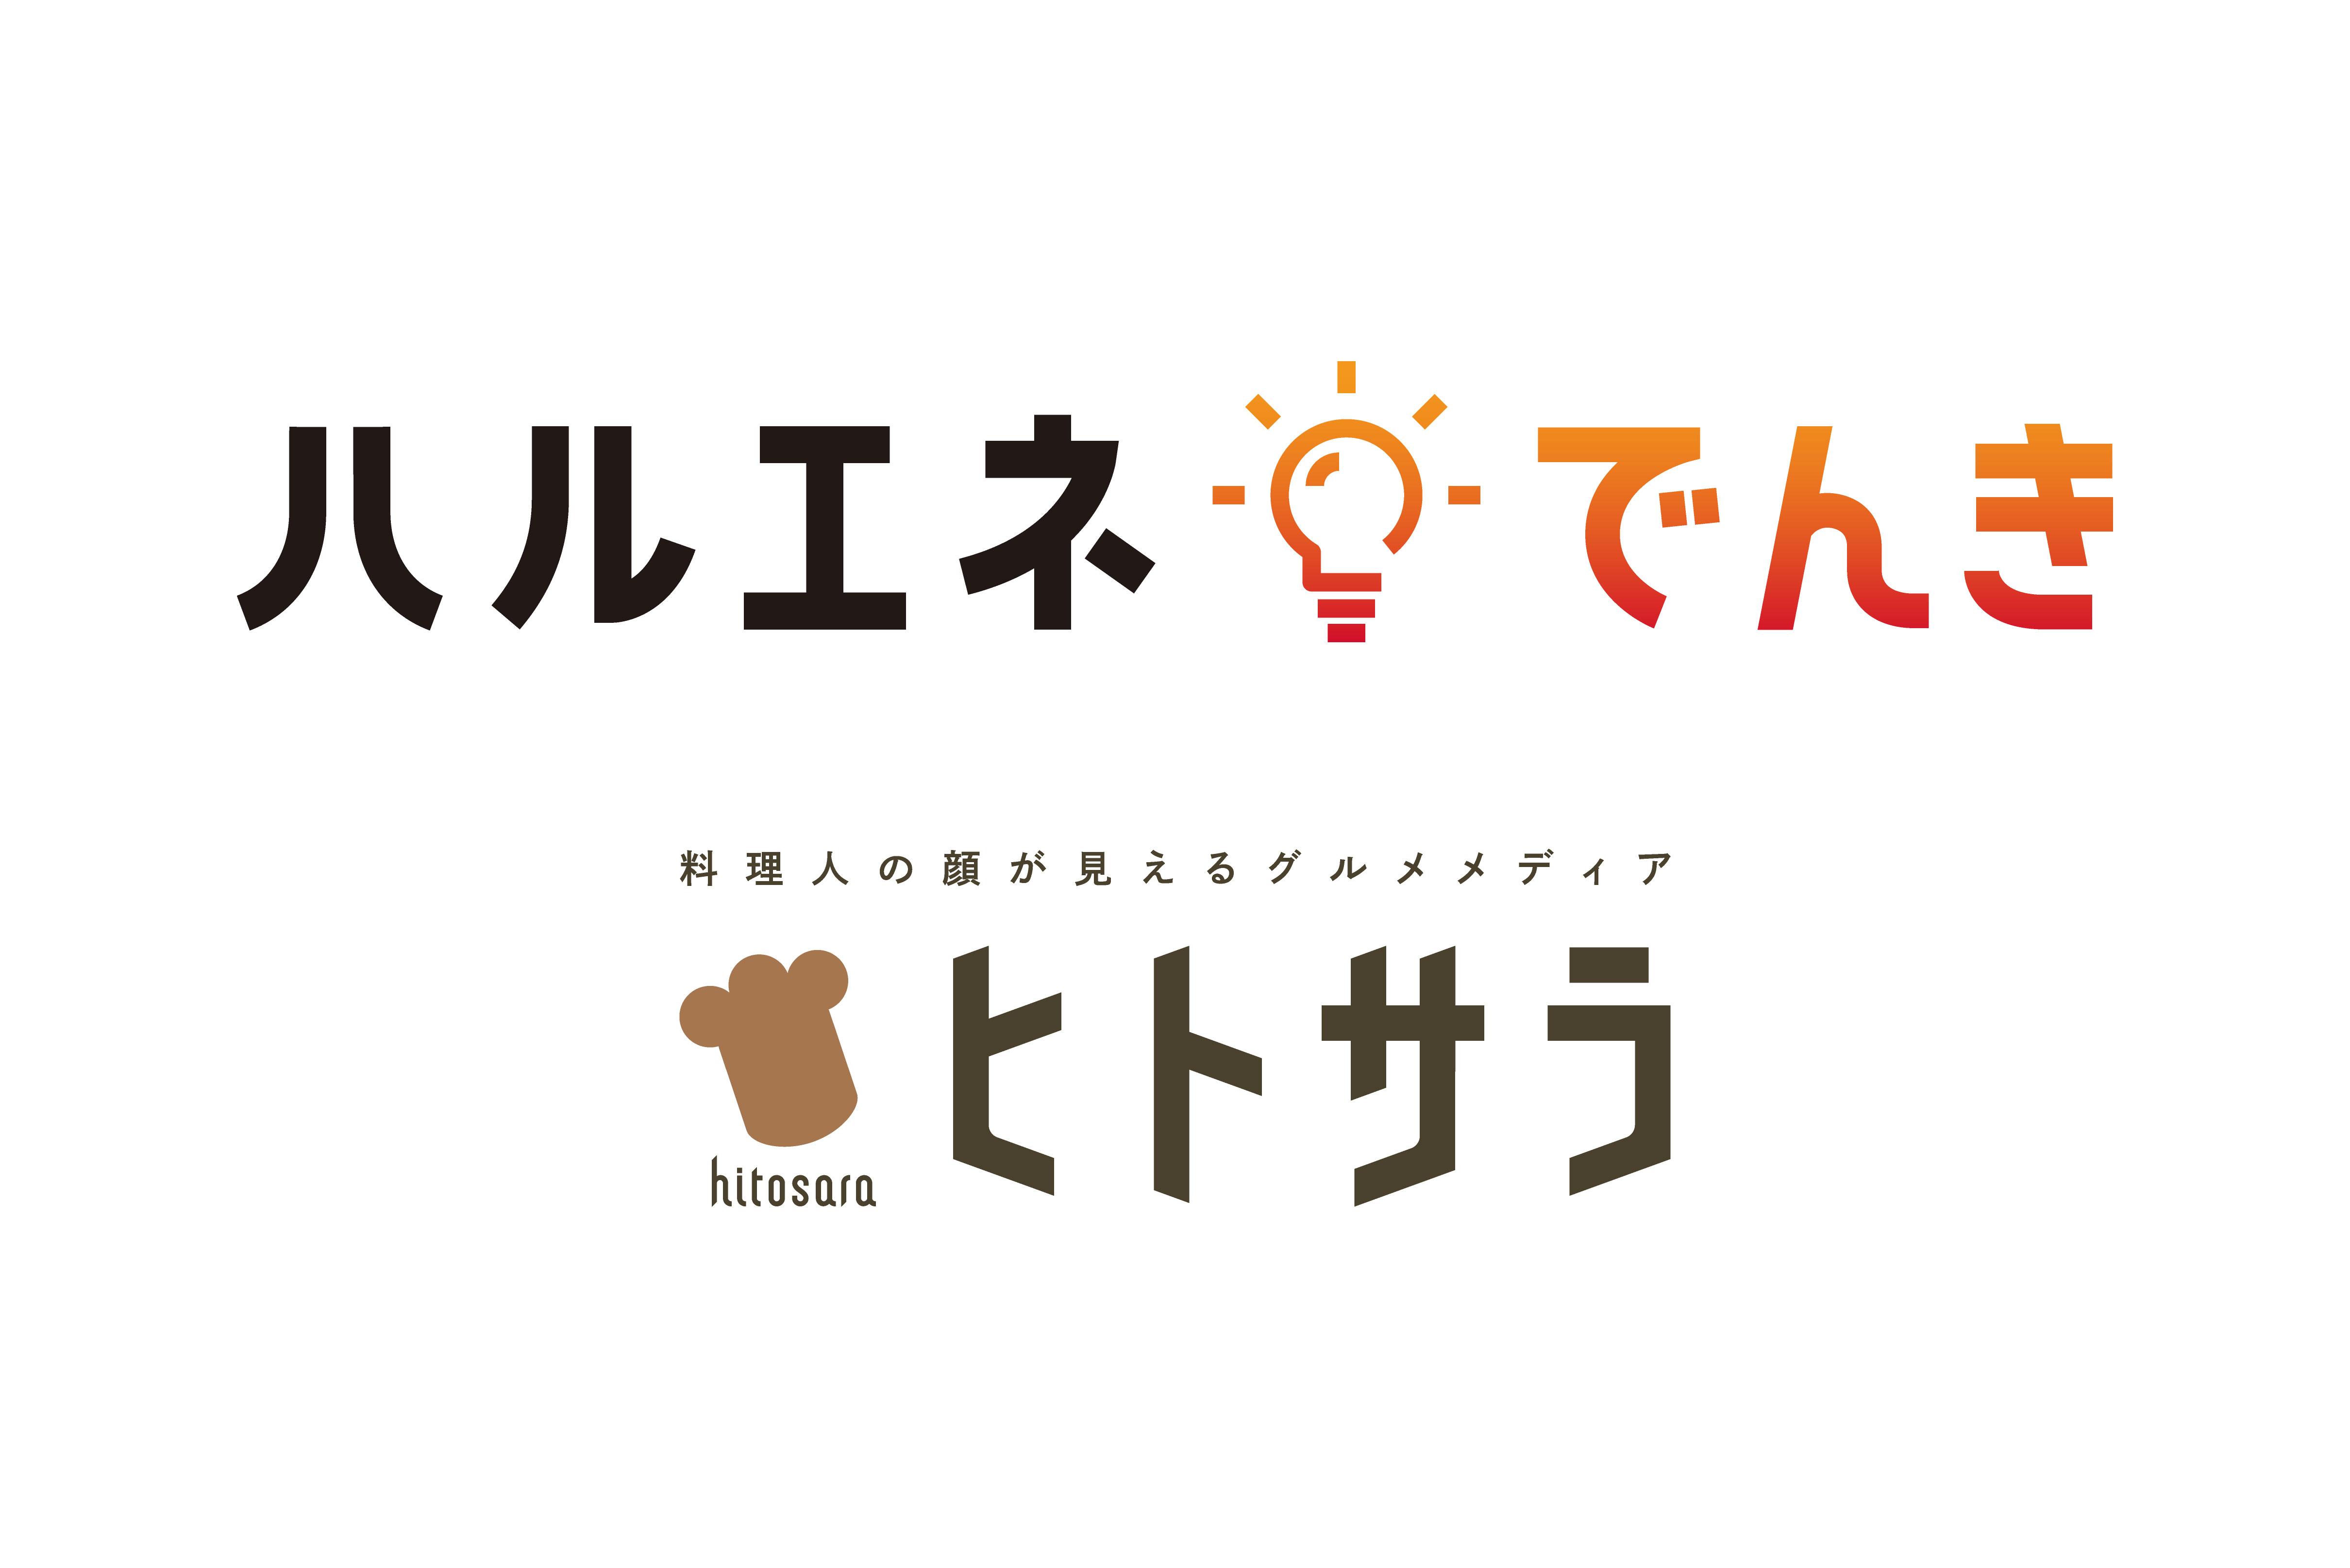 haluene_hitosara_200720_2